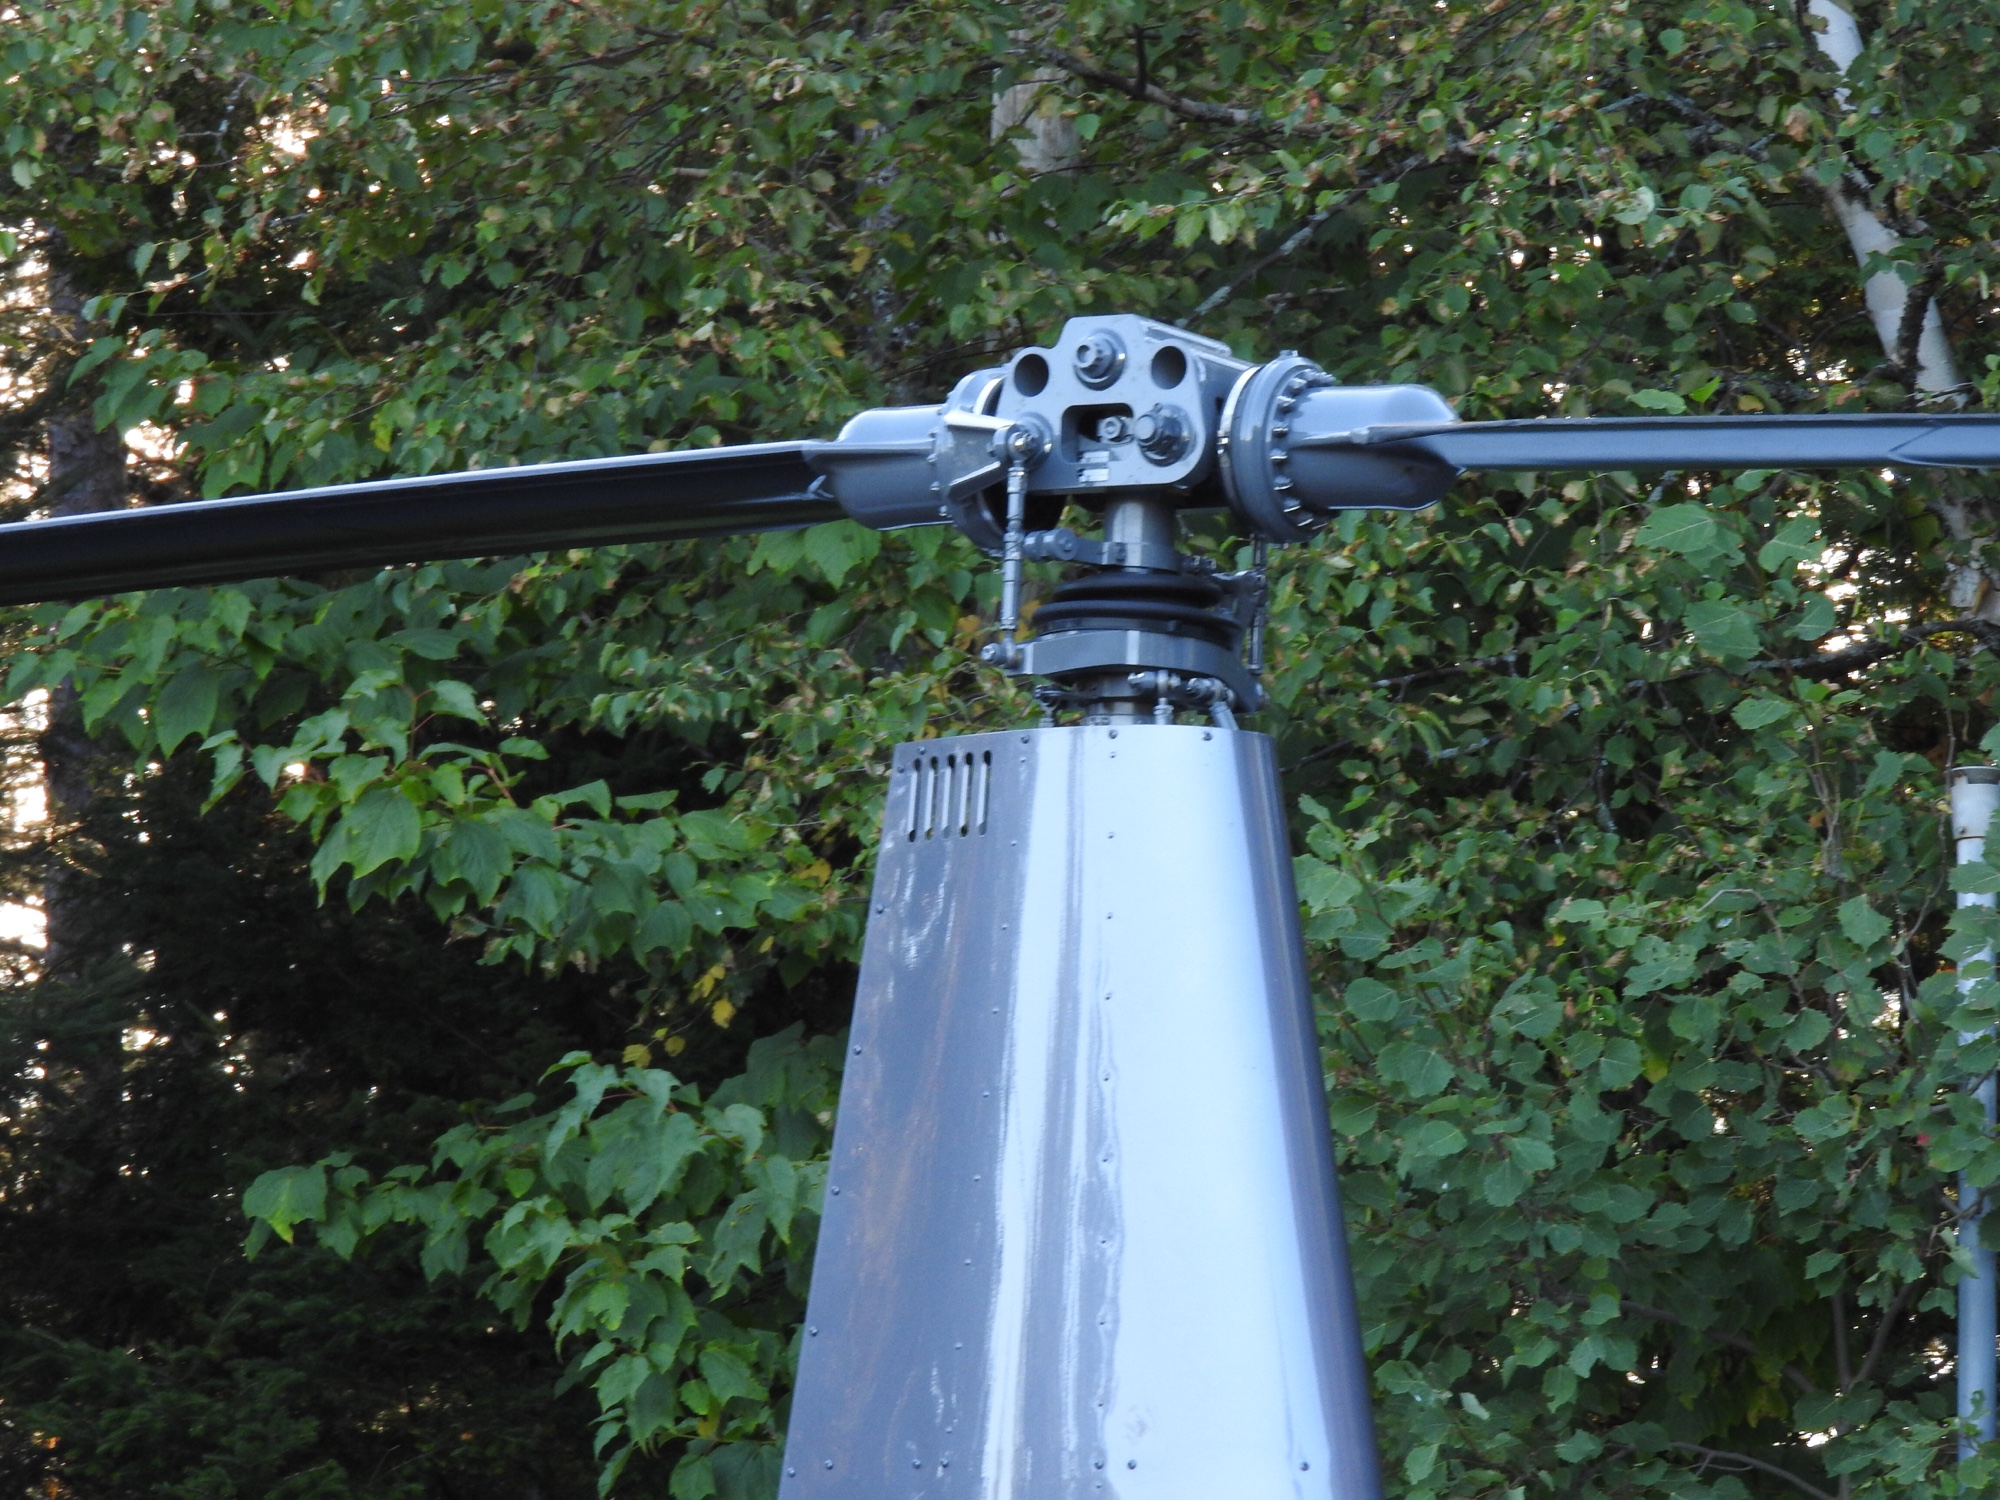 紅葉のローレンシャンを堪能できるヘリコプター遊覧飛行